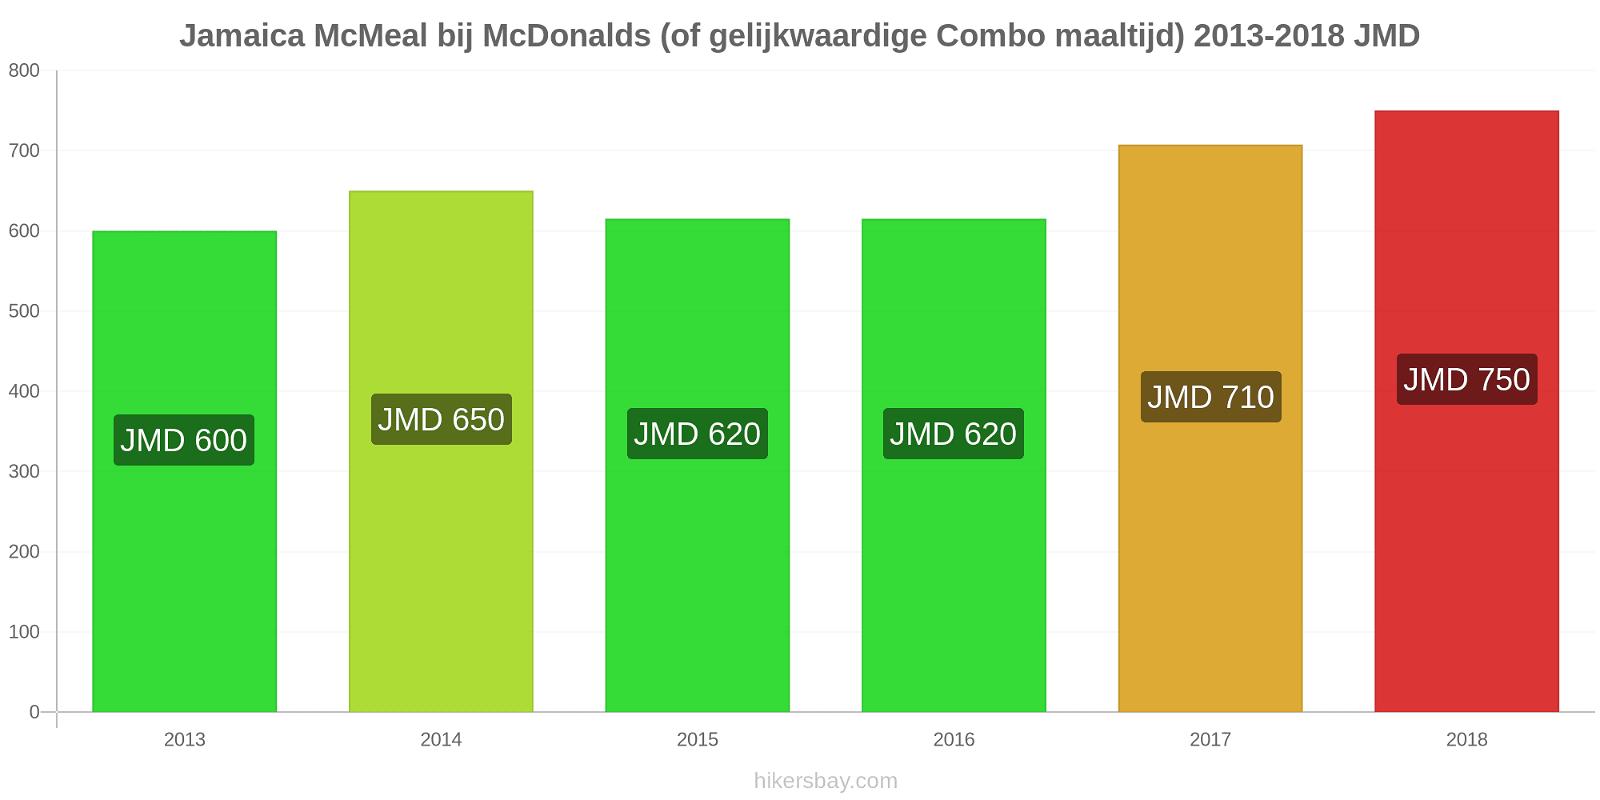 Jamaica prijswijzigingen McMeal bij McDonalds (of gelijkwaardige Combo maaltijd) hikersbay.com